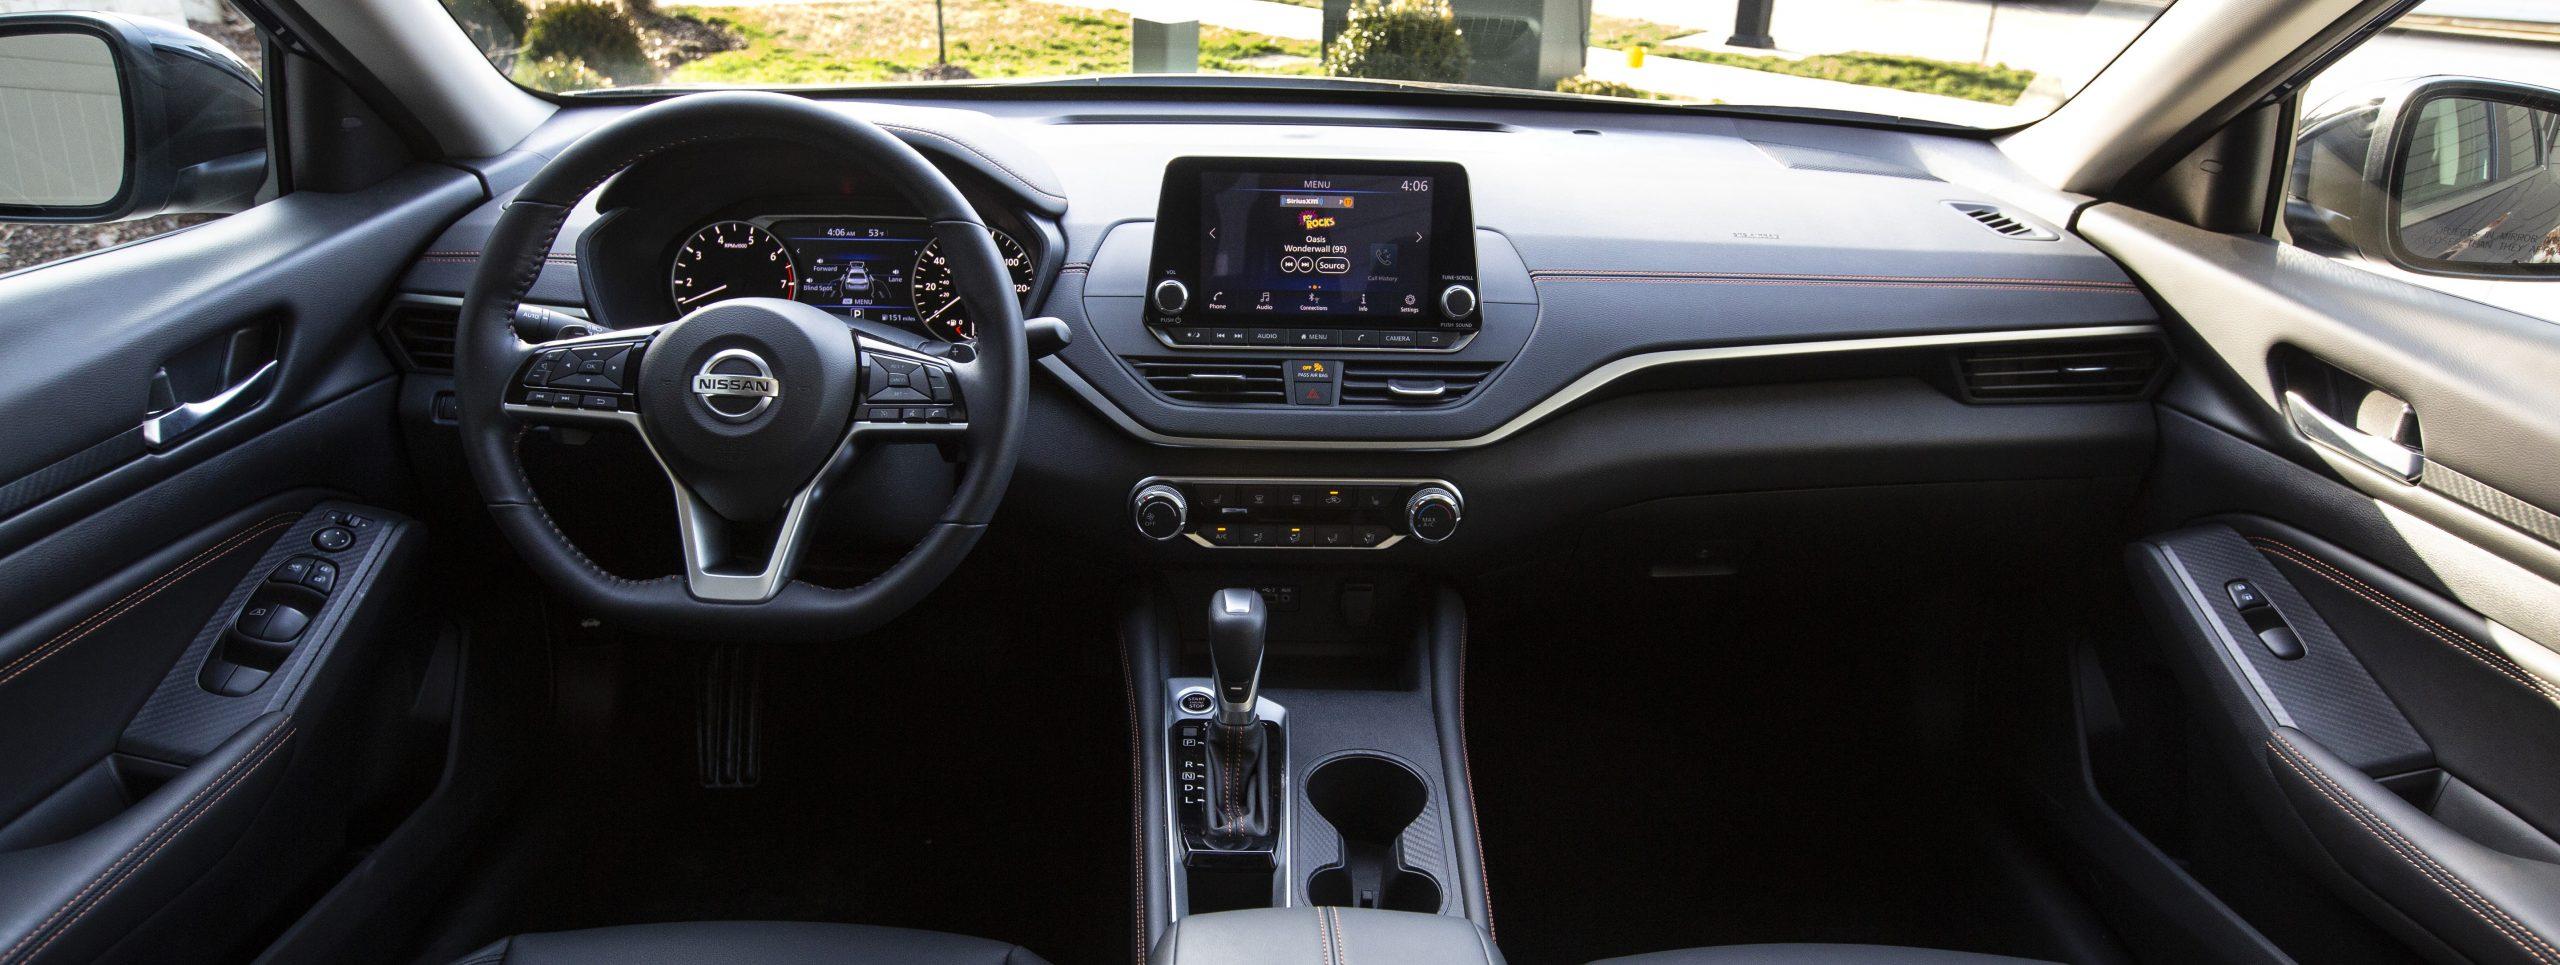 Harlingen Nissan Altima Interior